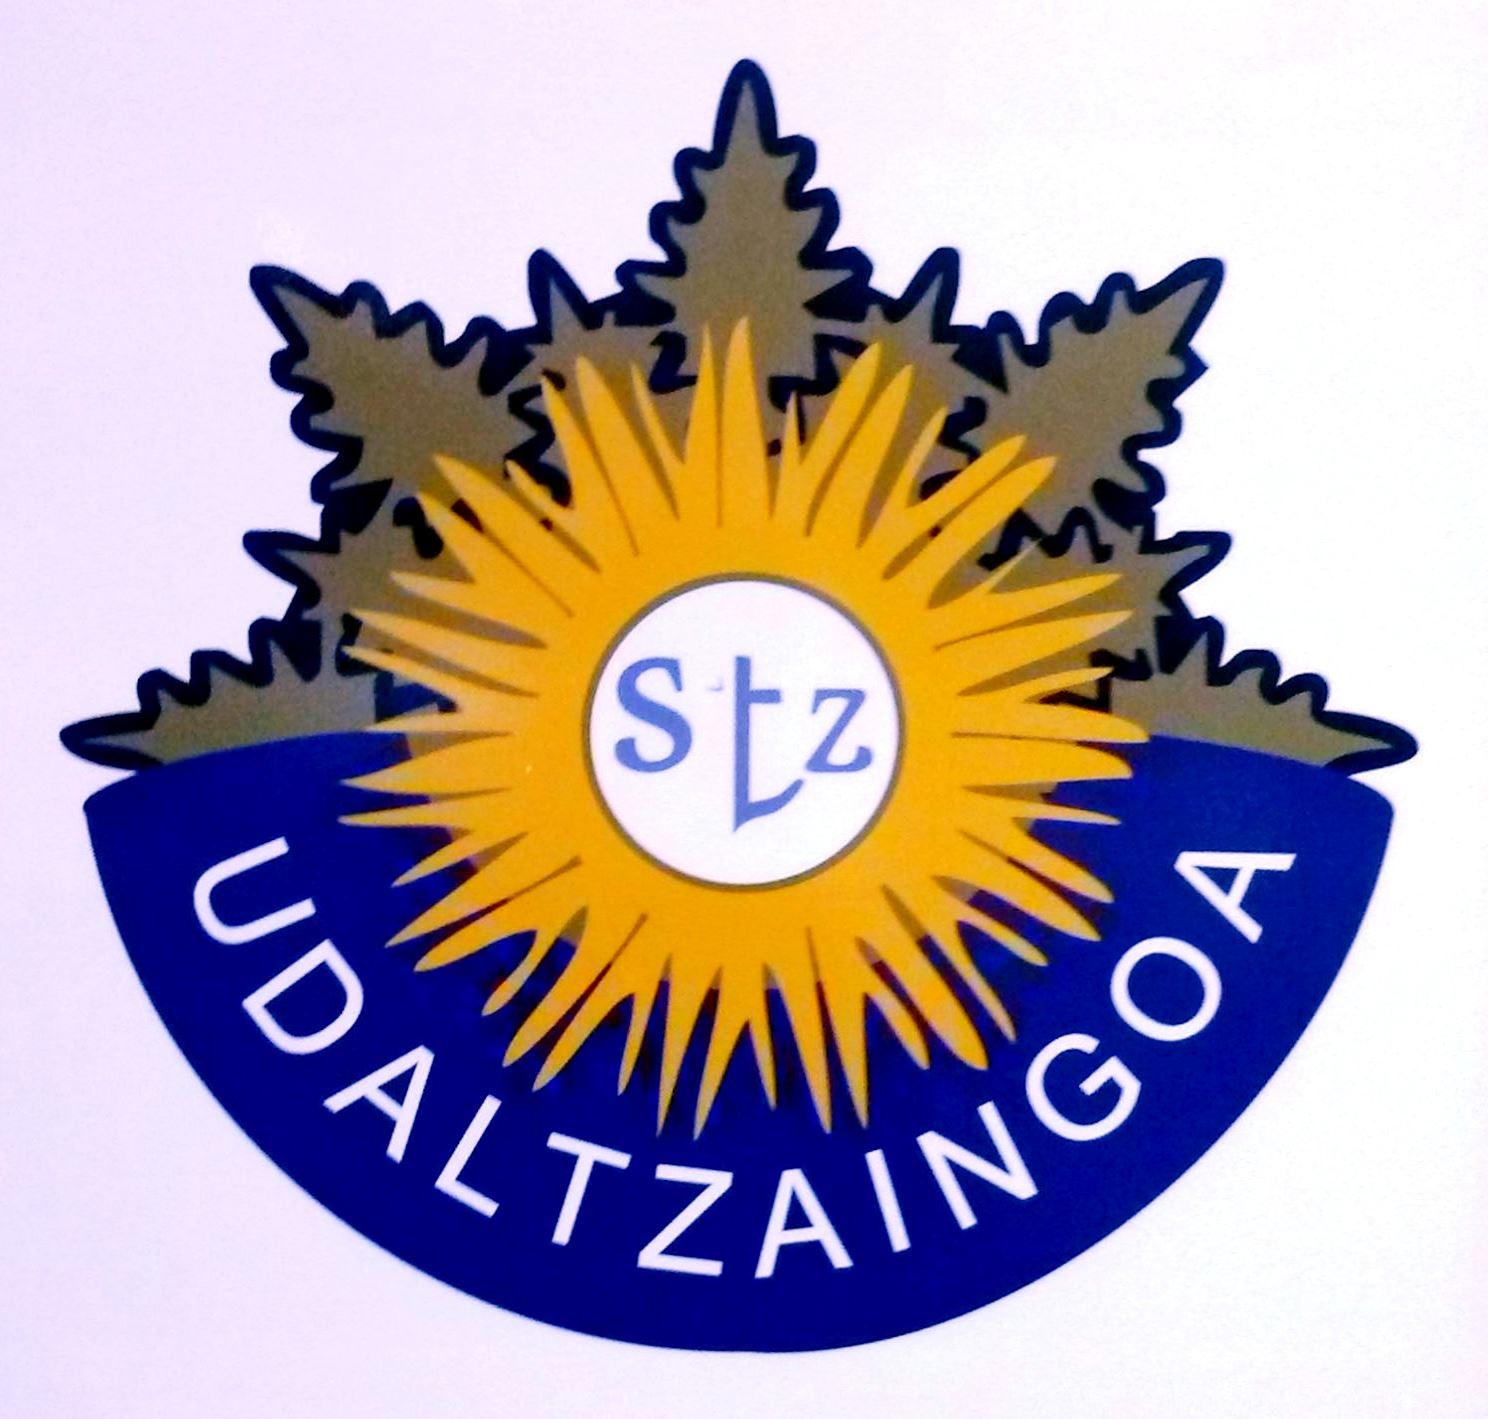 11 Policia Municipal Santurtzi